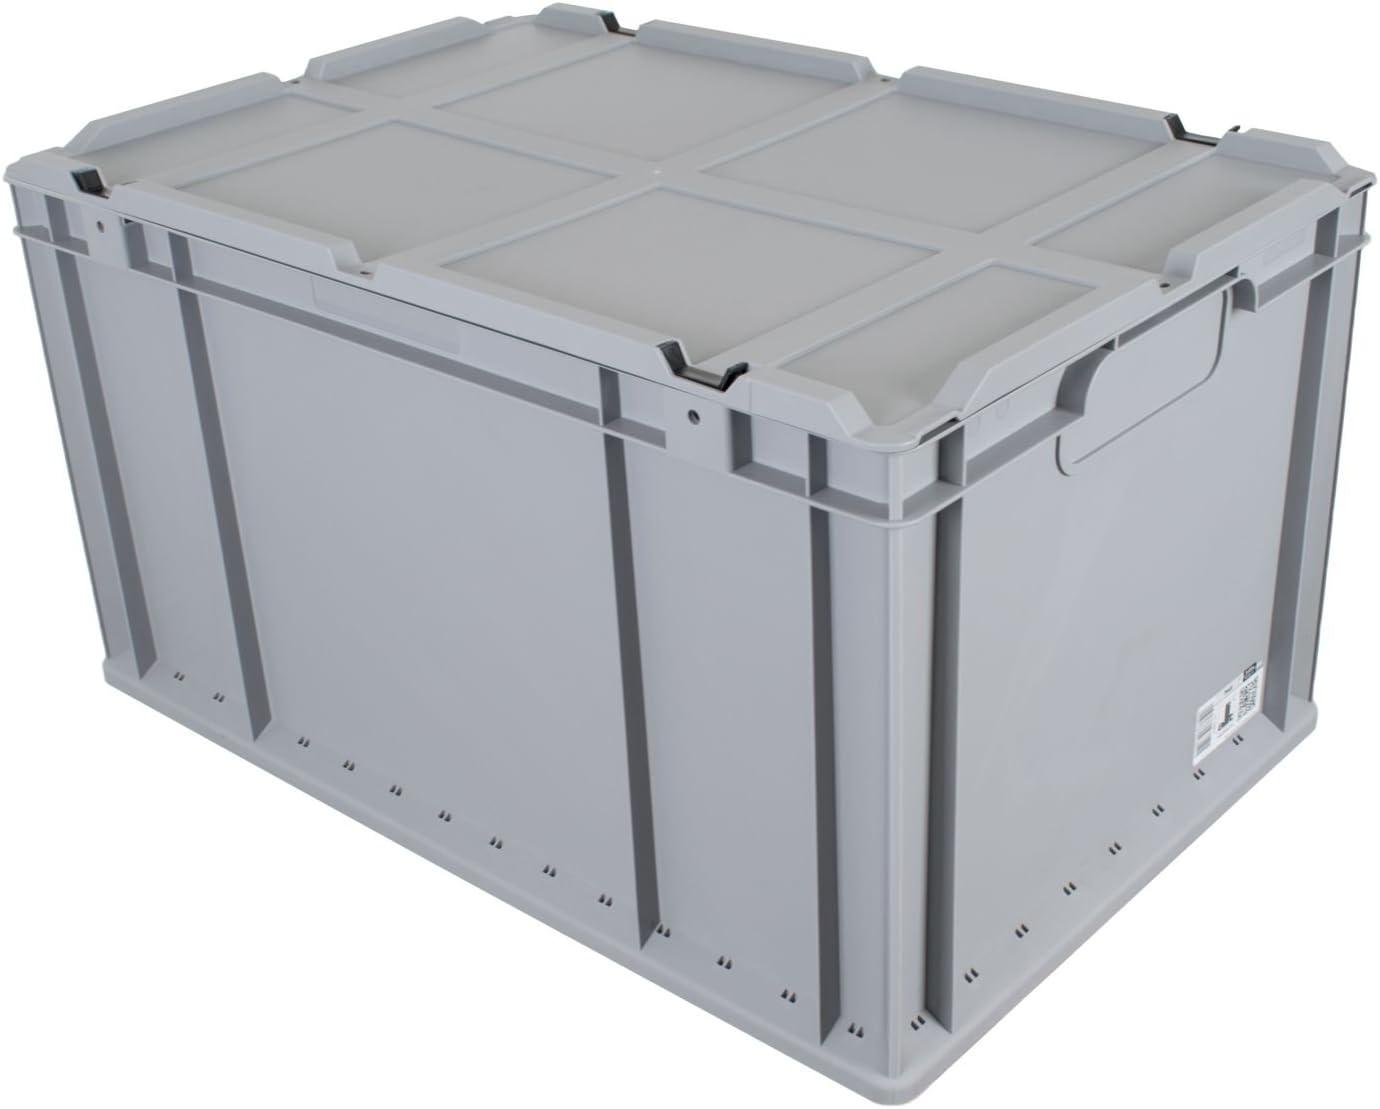 palé Euro Cajas 24 unidades 600 x 400 x 320 mm + Tapa Euro Caja ...